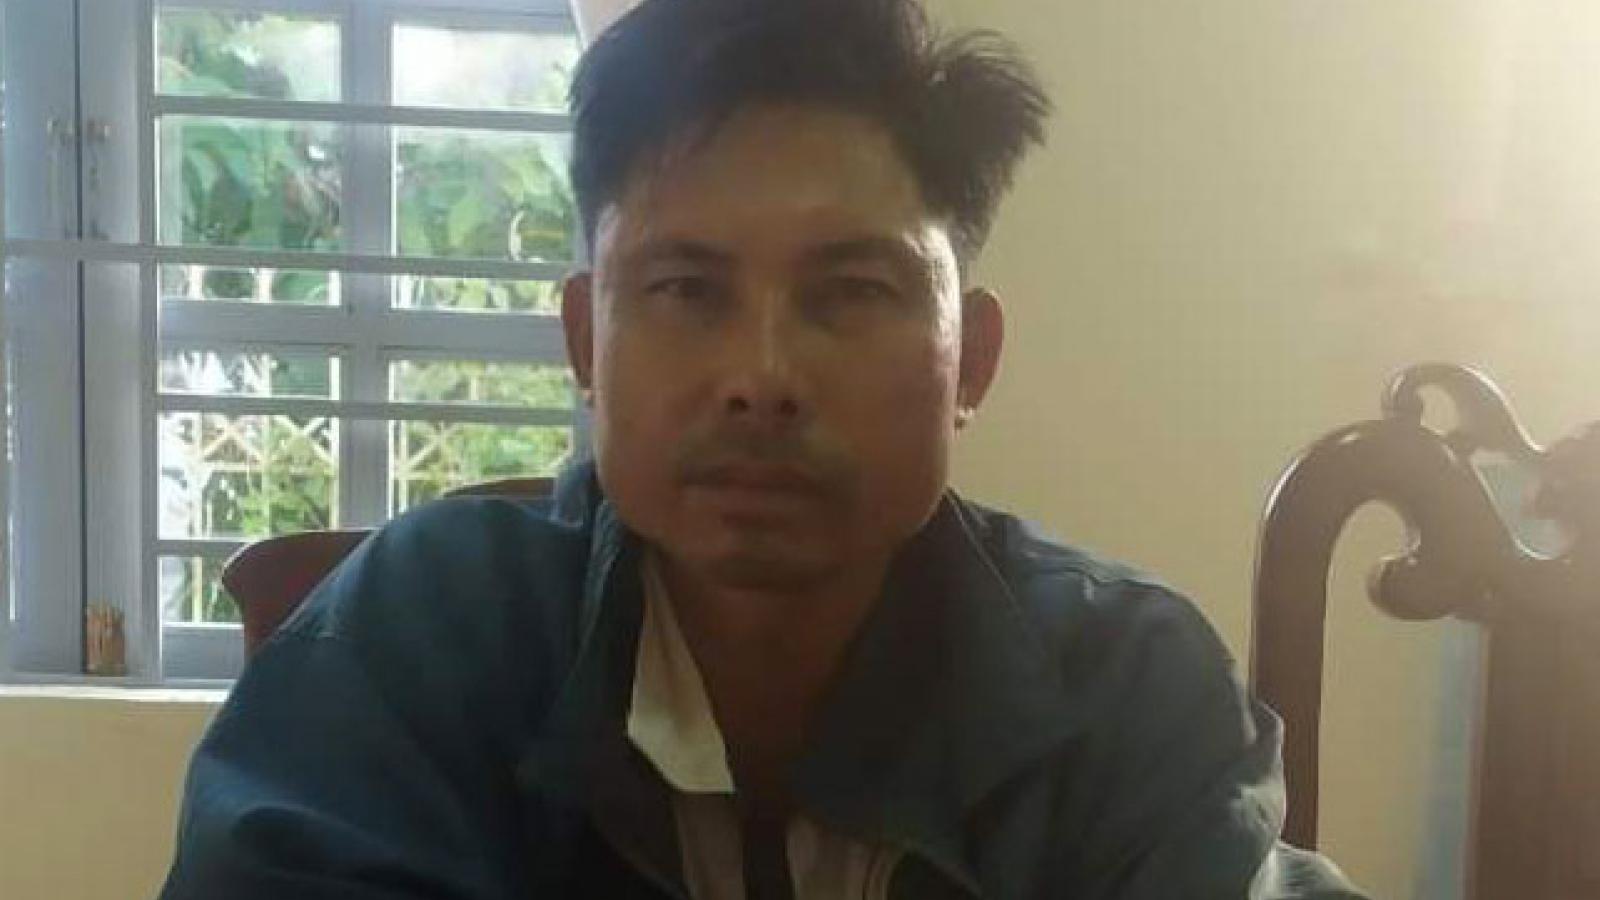 Lâm Đồng bắt đối tượng truy nã xâm hại tình dục trẻ em